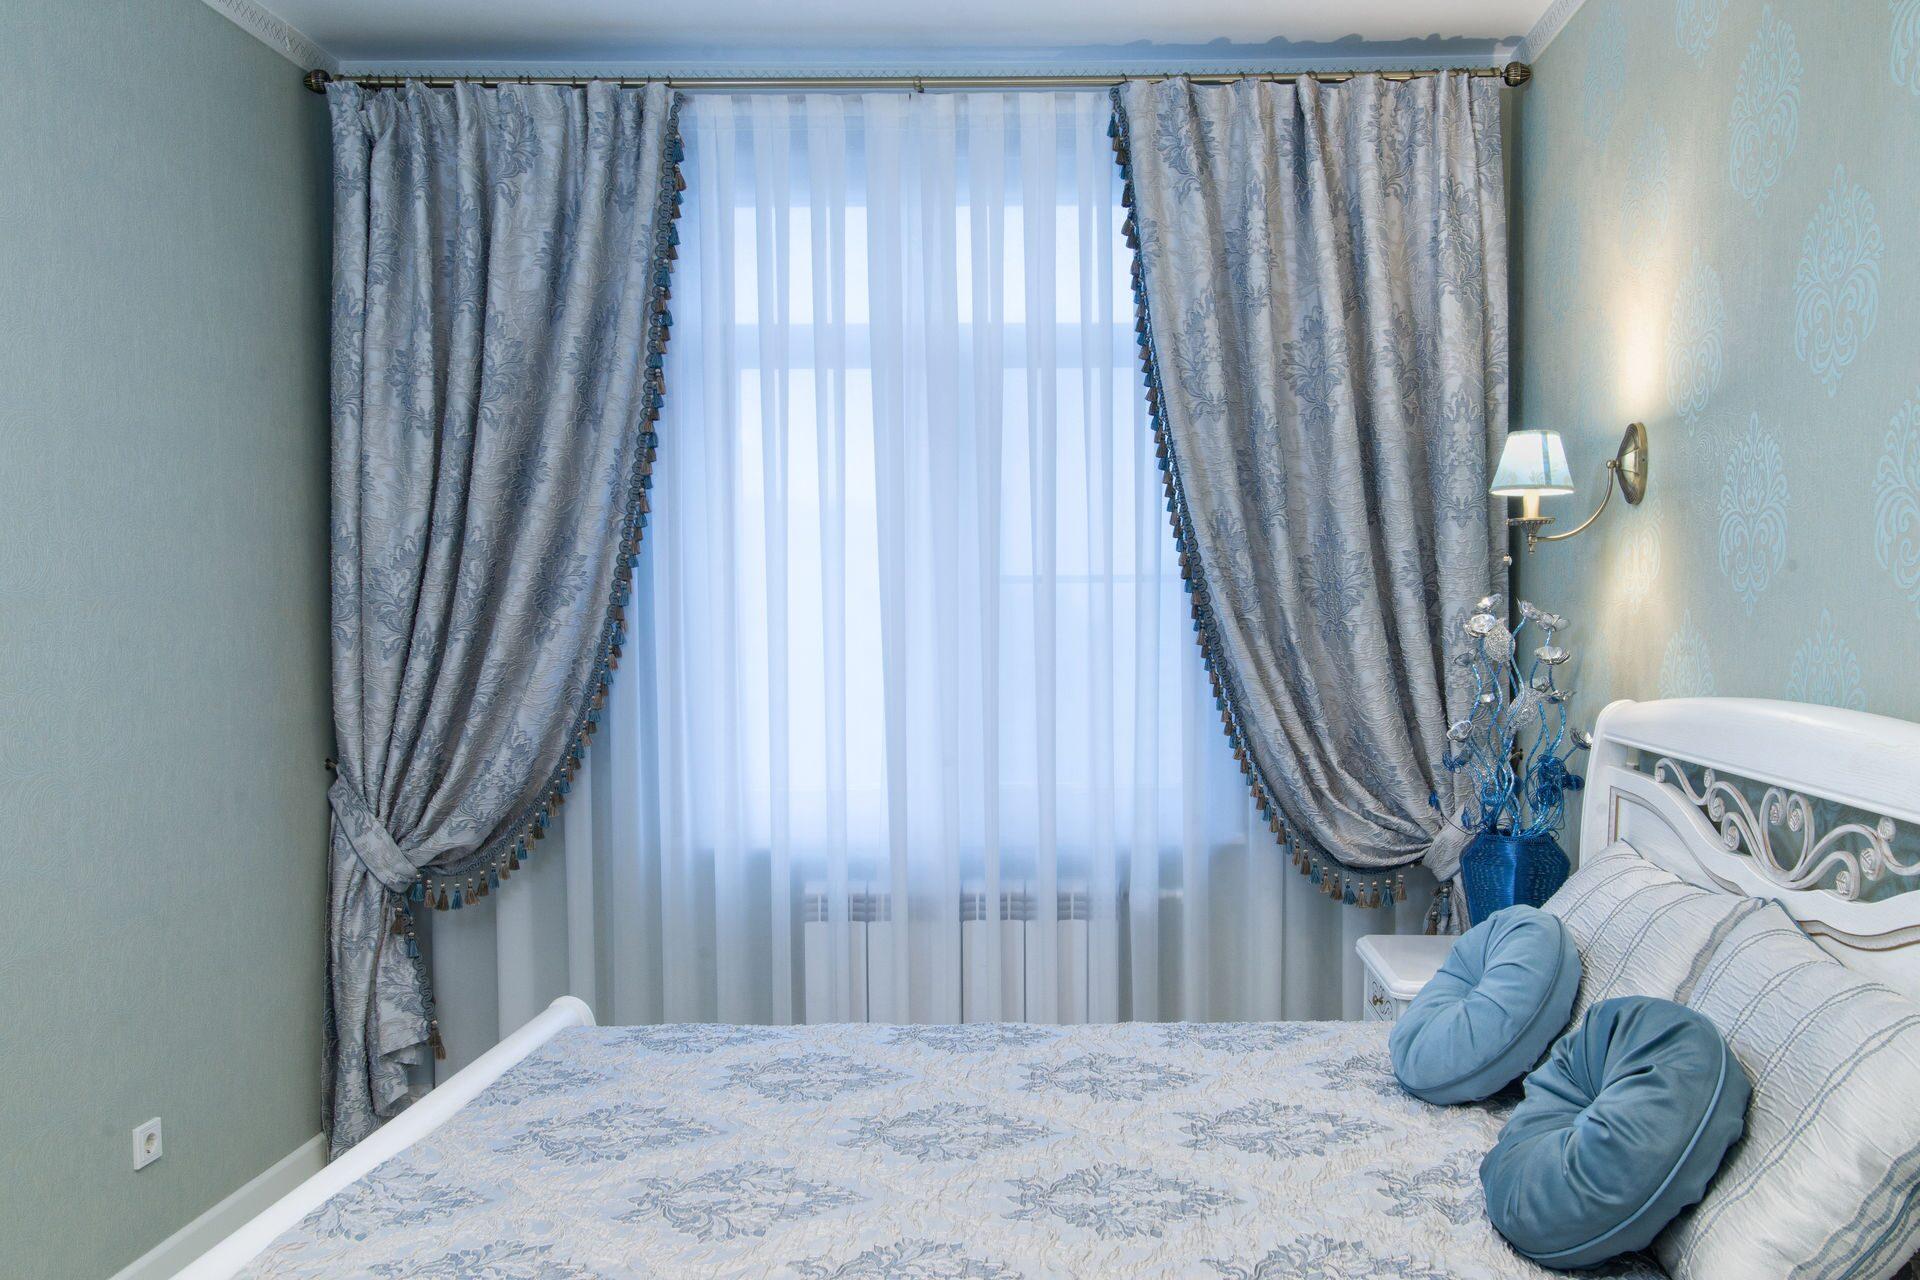 эти преимущества спальня шторы в цвет картинки учился юридическом факультете